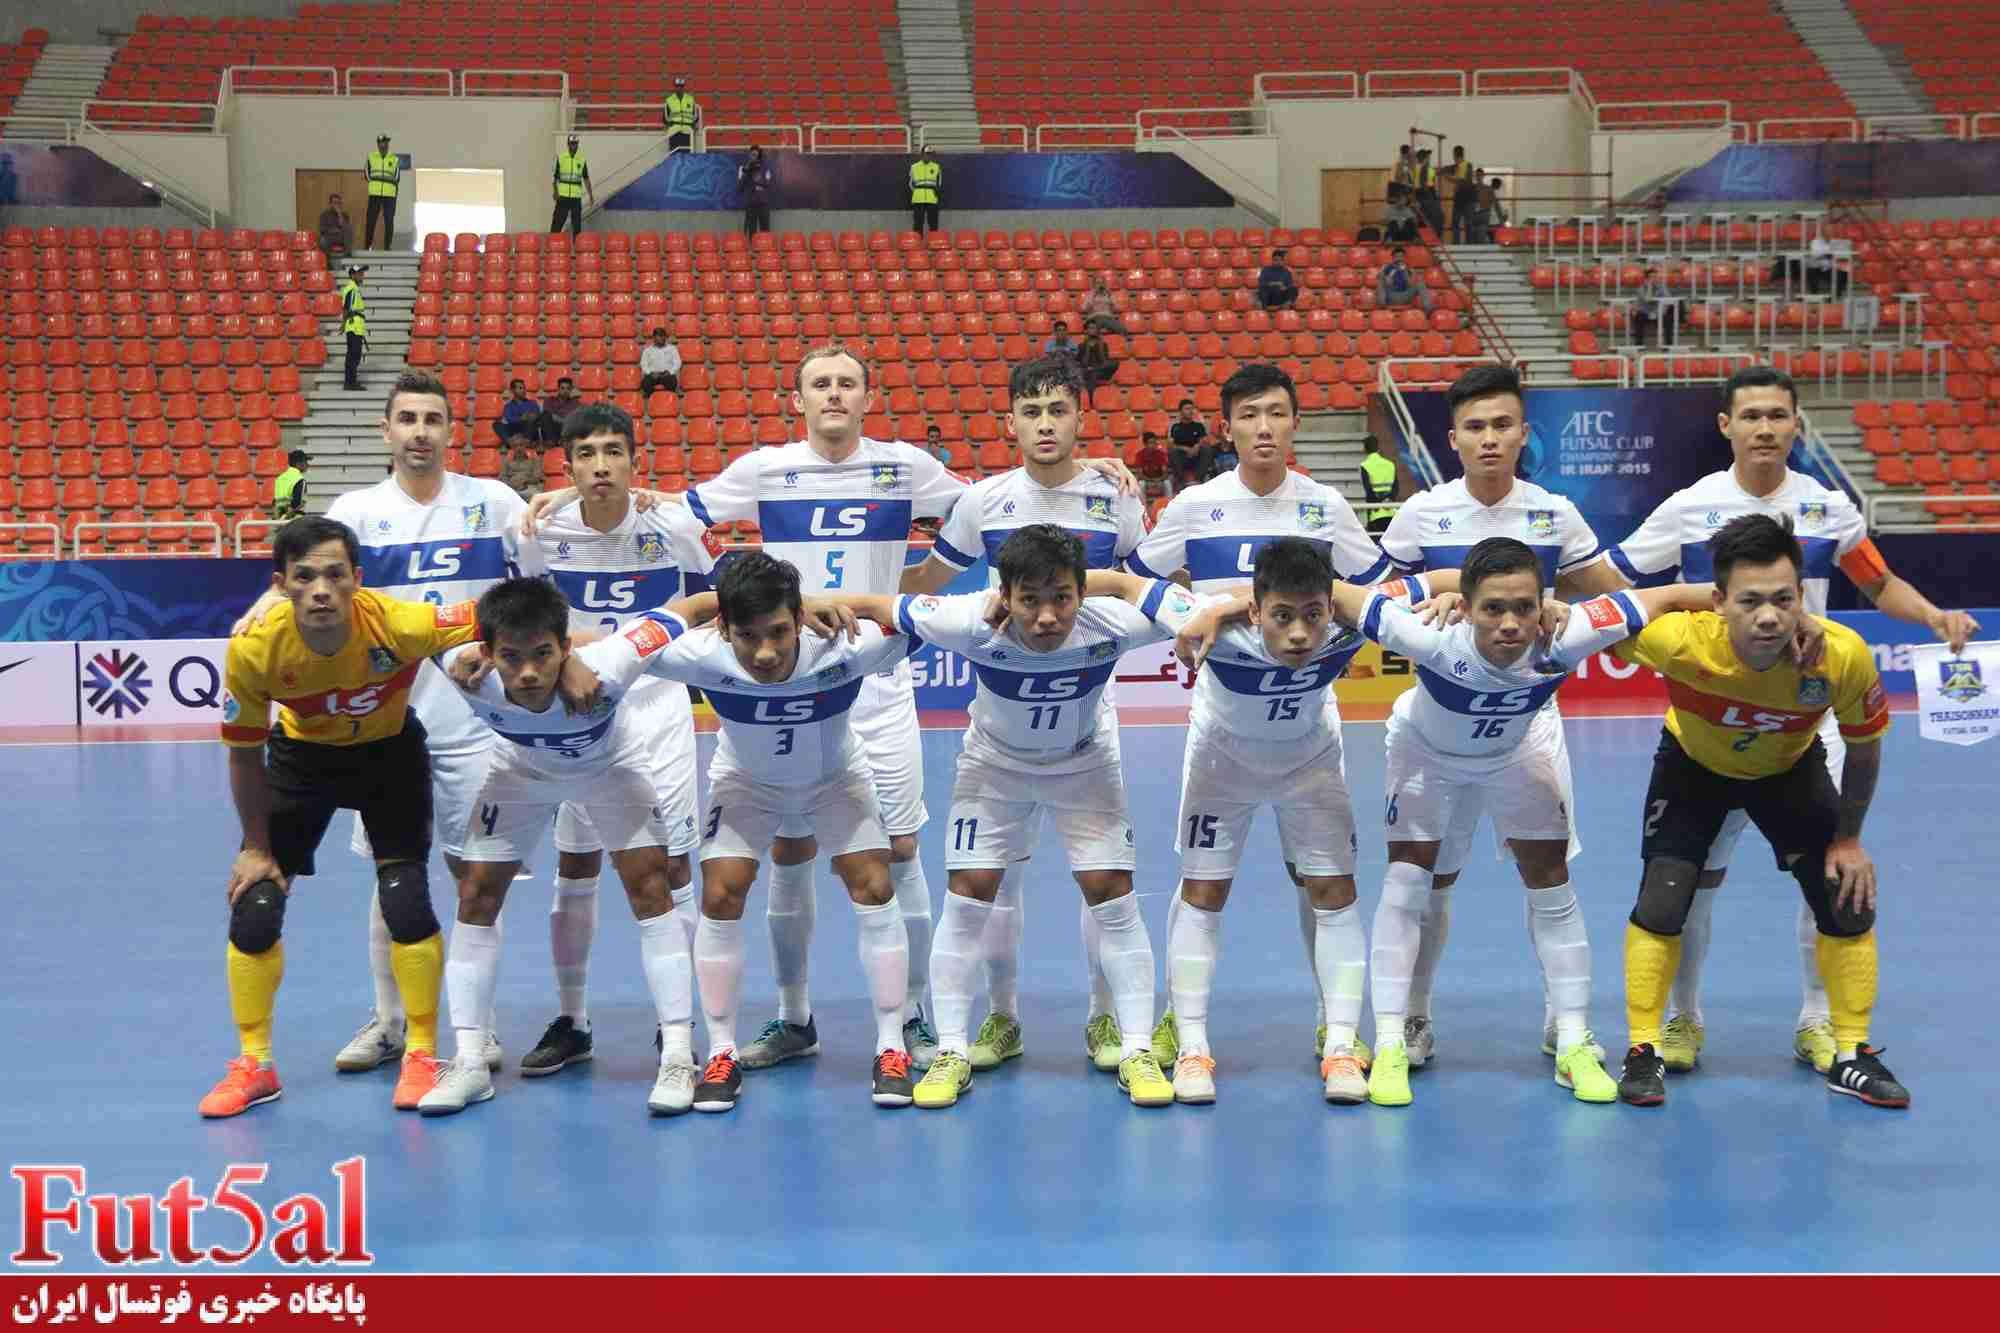 کاپیتان سابق تیم ملی فوتسال ویتنام:تای سون نام  ویتنام برای نخستین بار به مرحله نیمه نهایی راه یافته است